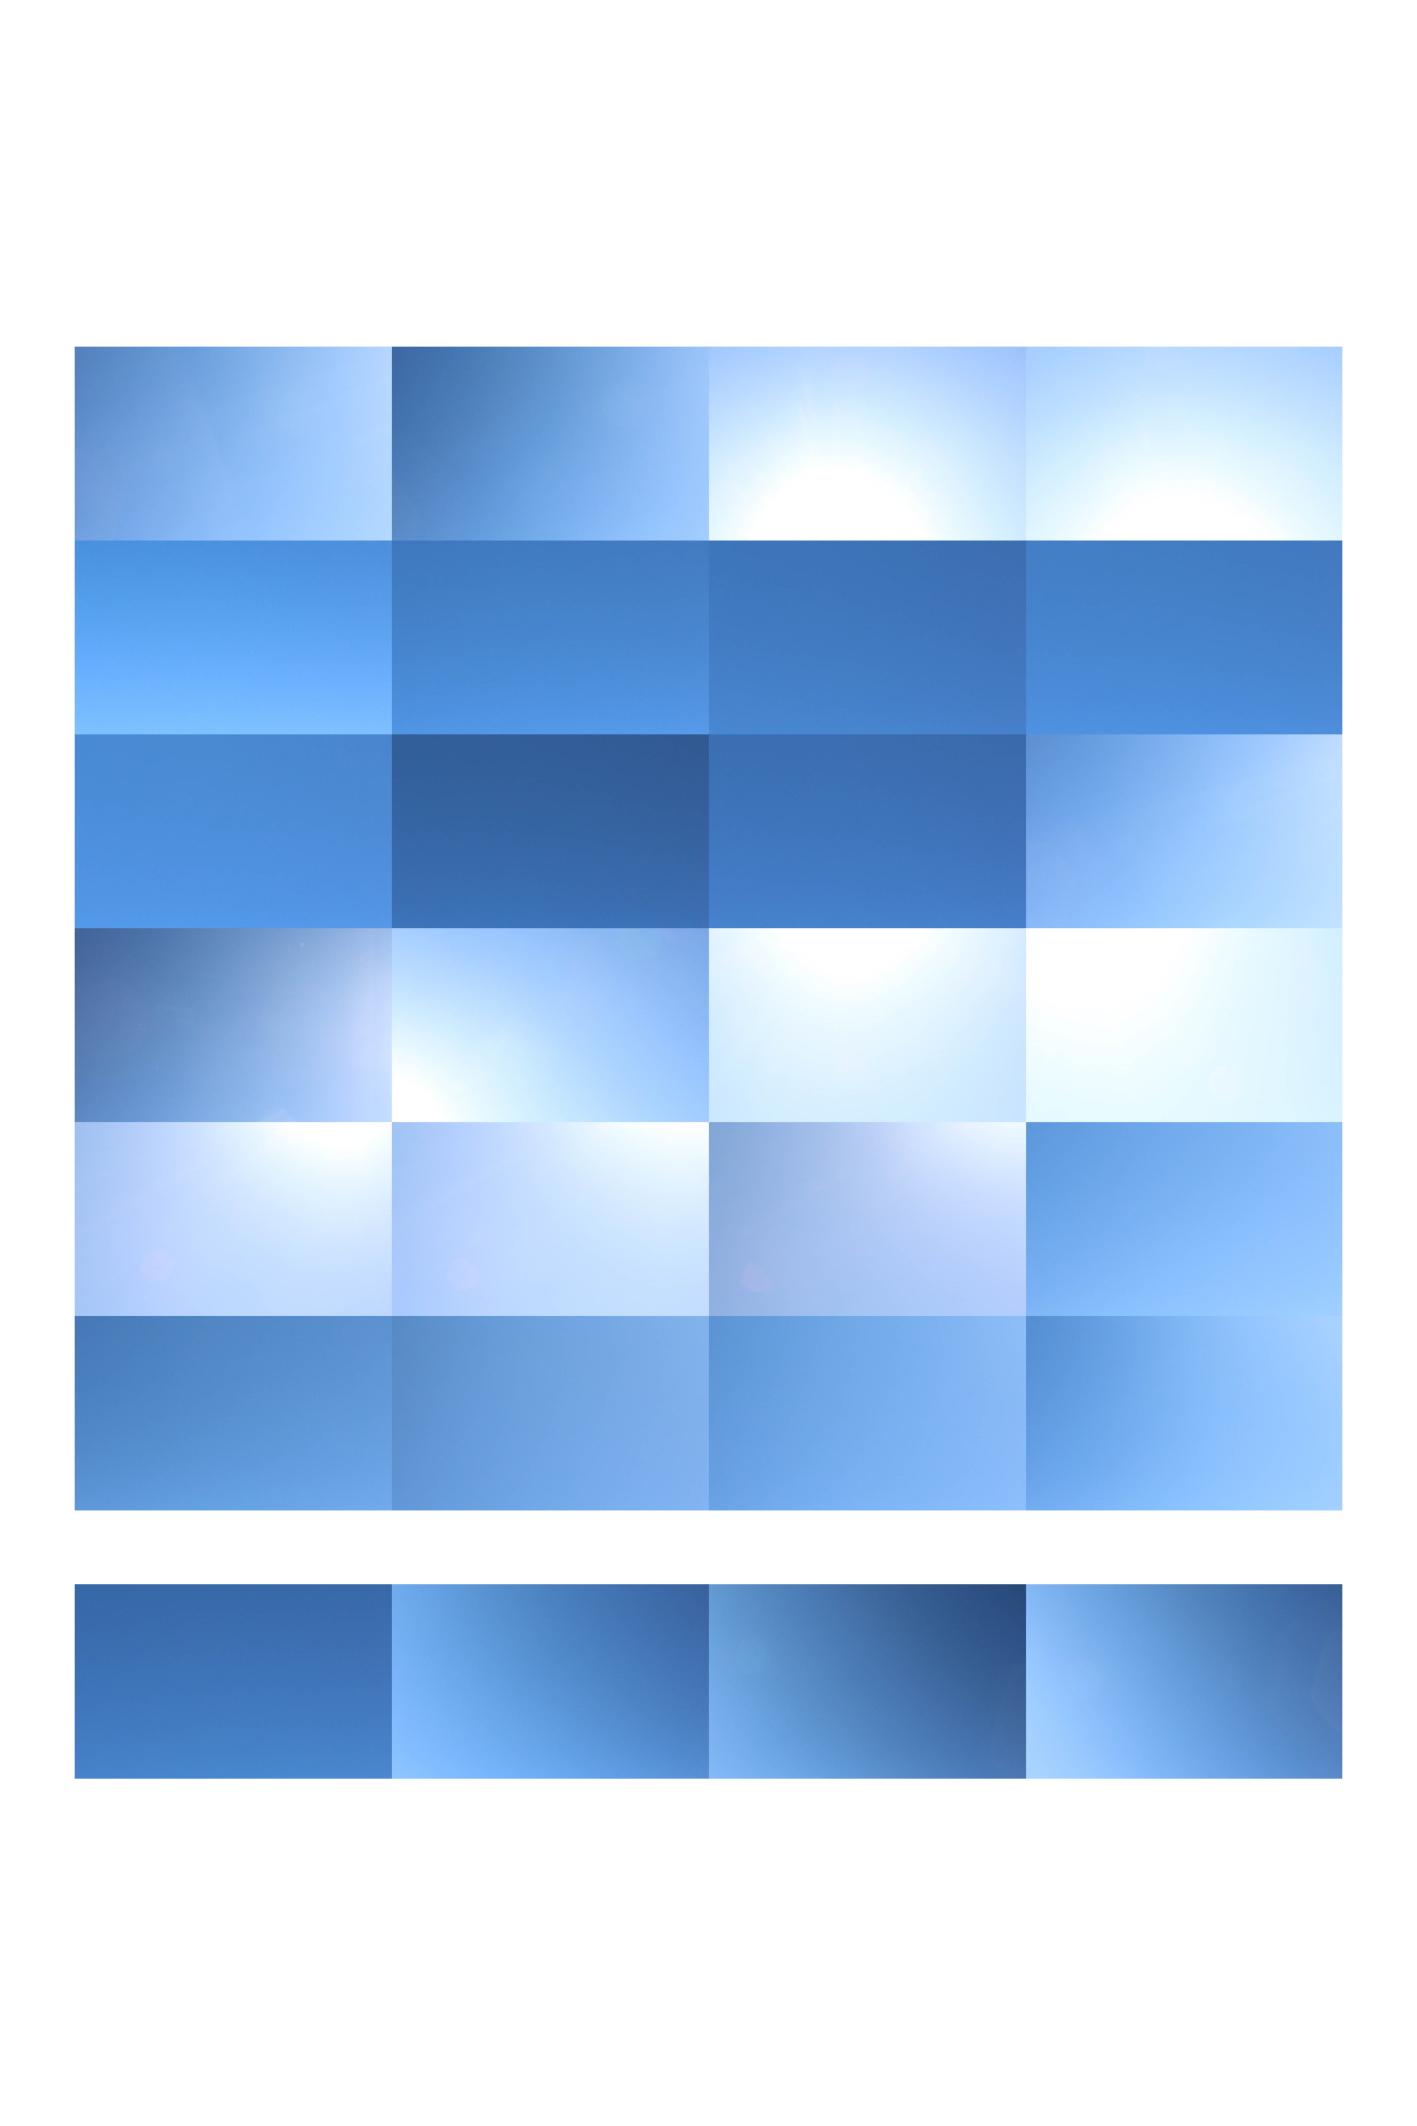 Markus Feiler - SKY BLUE 10_Künstler_artist_Kunst_art